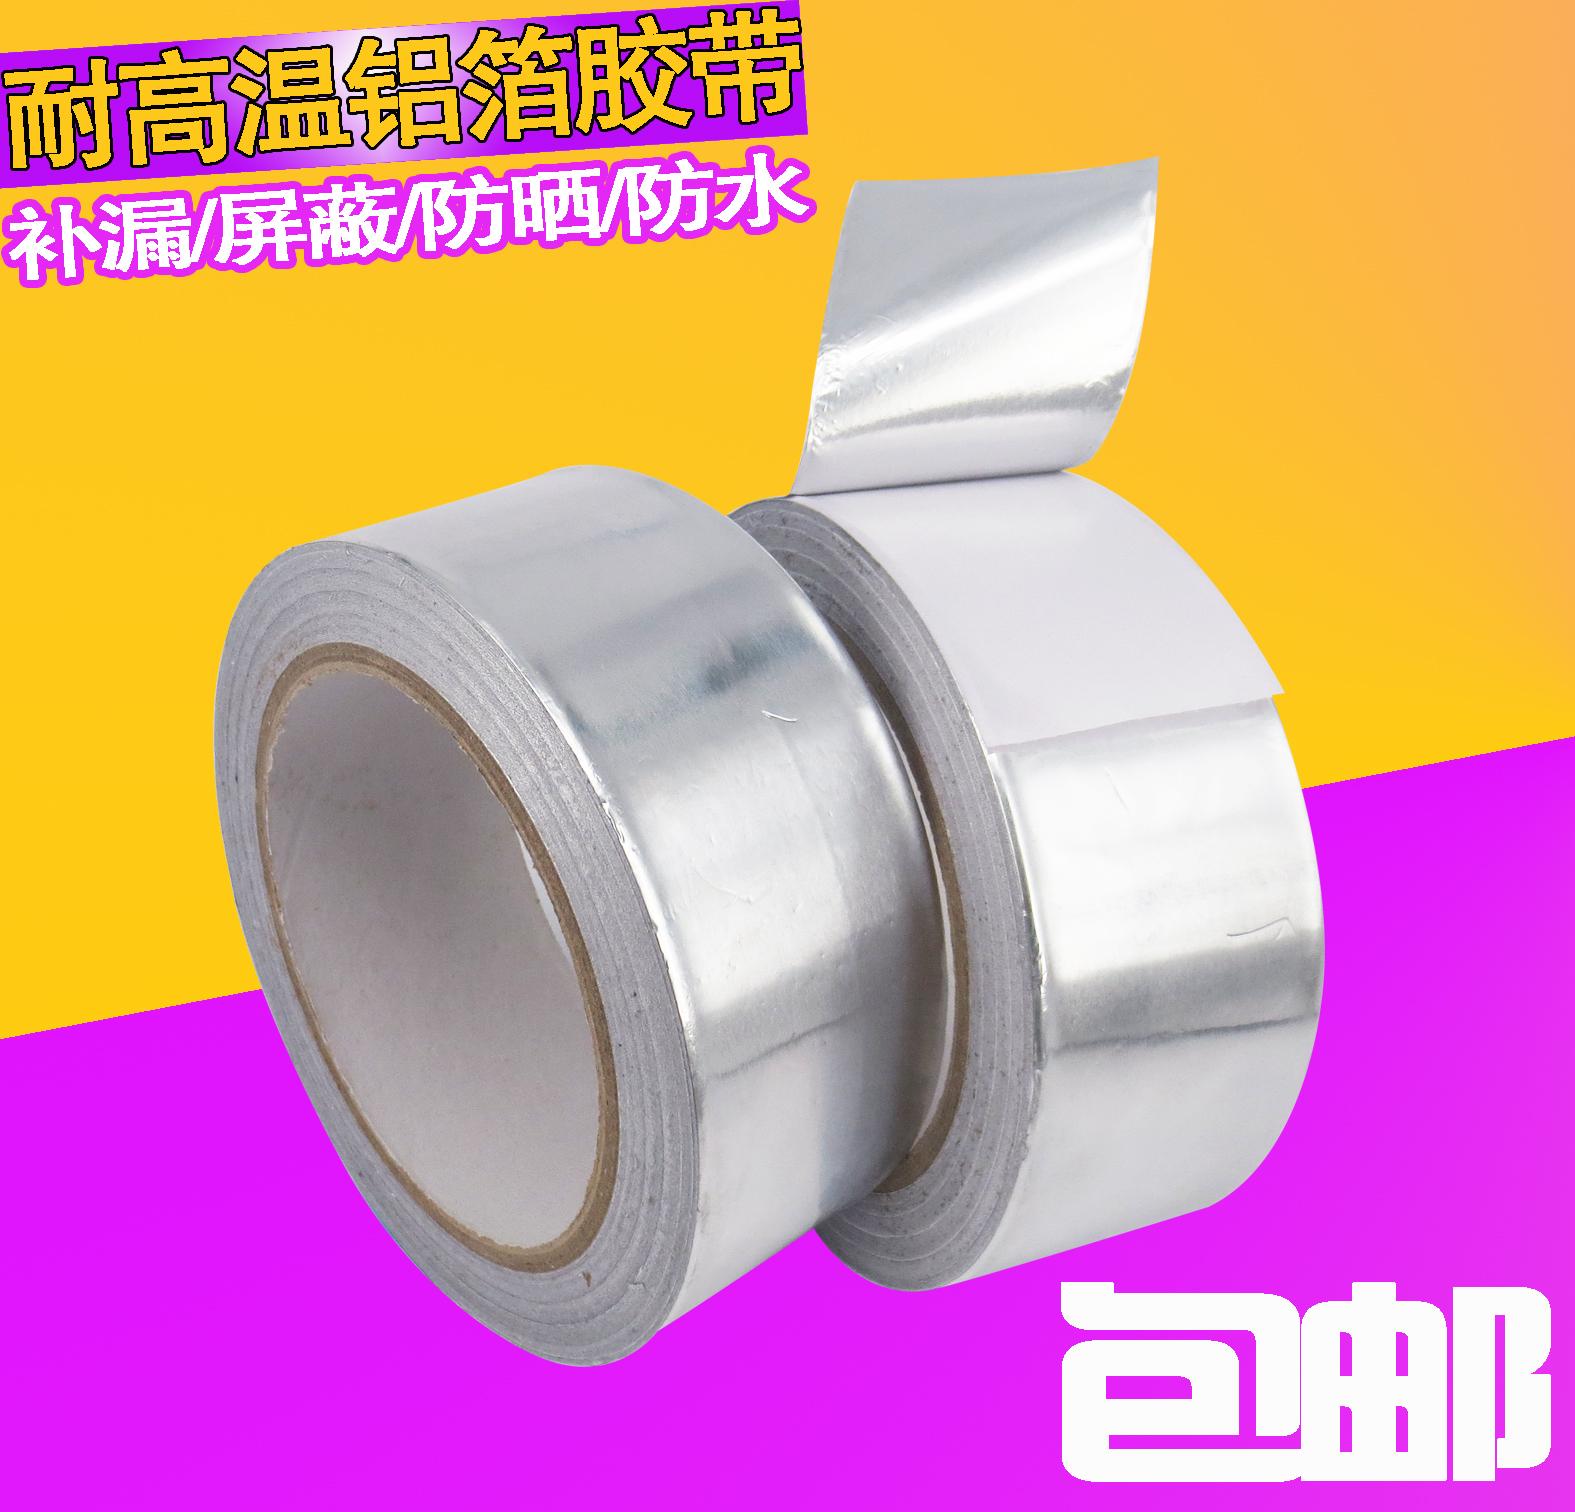 加厚铝箔胶带 耐高温錫箔纸胶带密封防水补漏自粘管道 20米满包邮